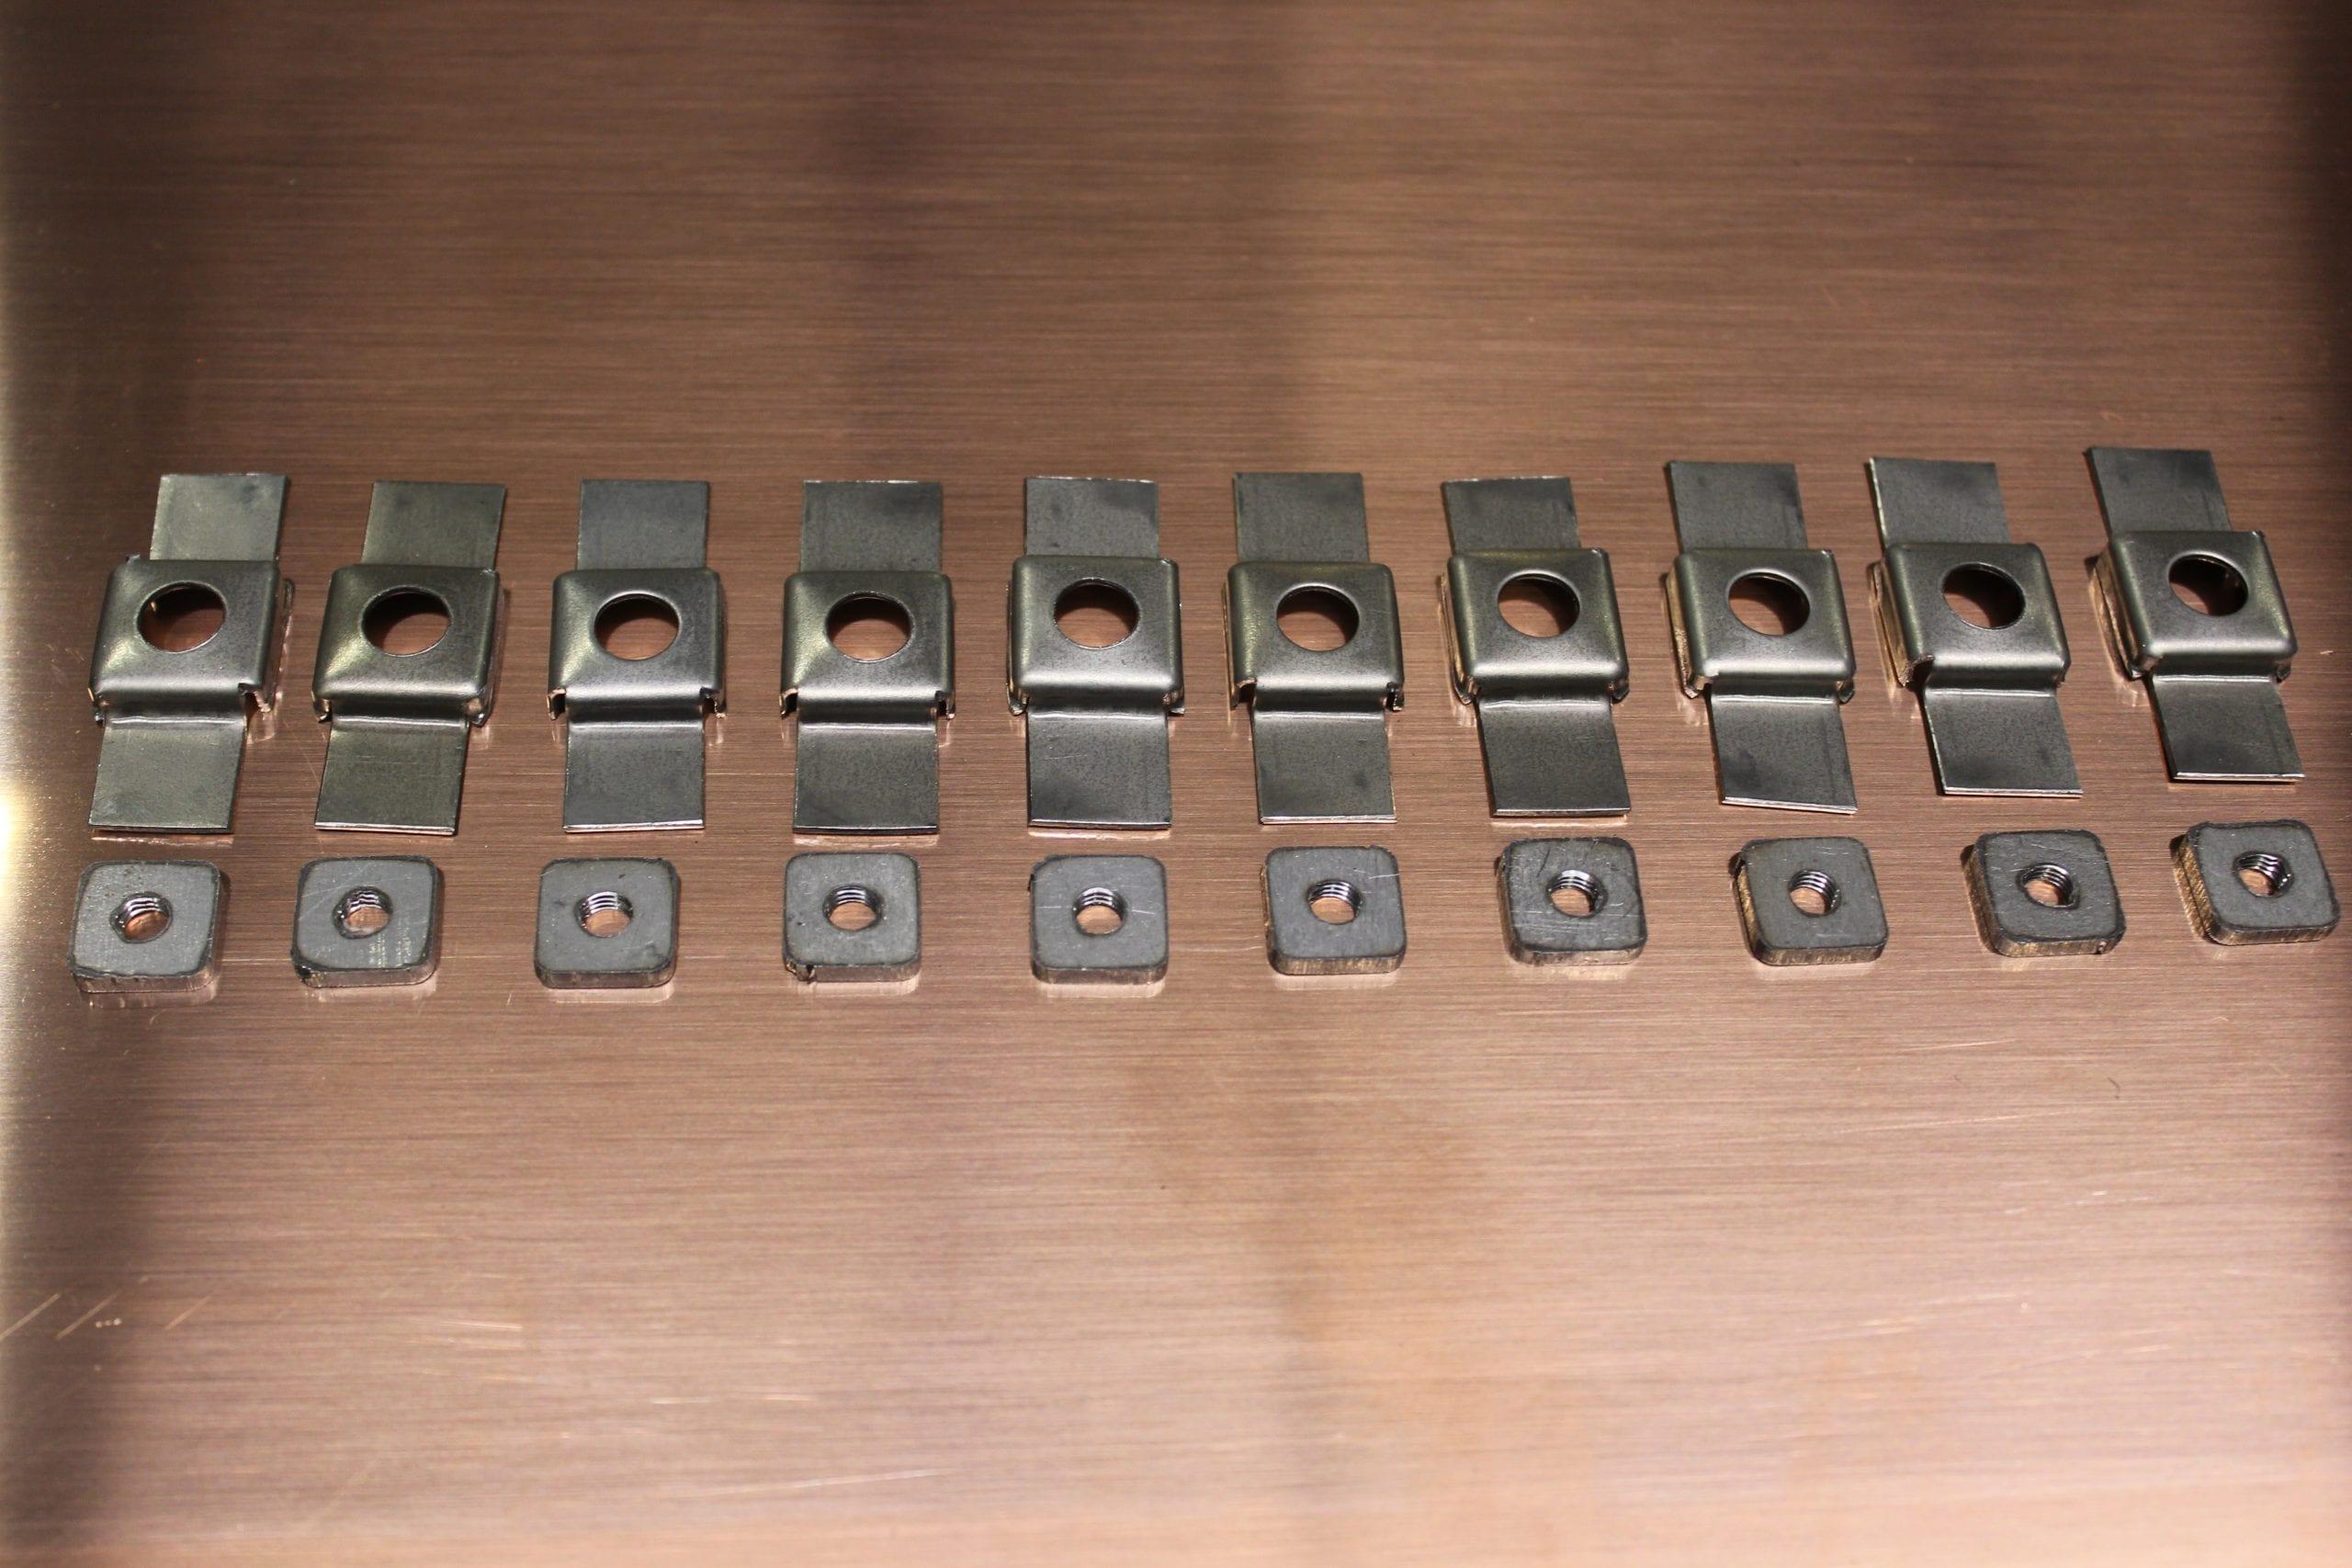 1 4 215 28 Cage Nuts Fit Xk 120 140 150 Jaguars Pro